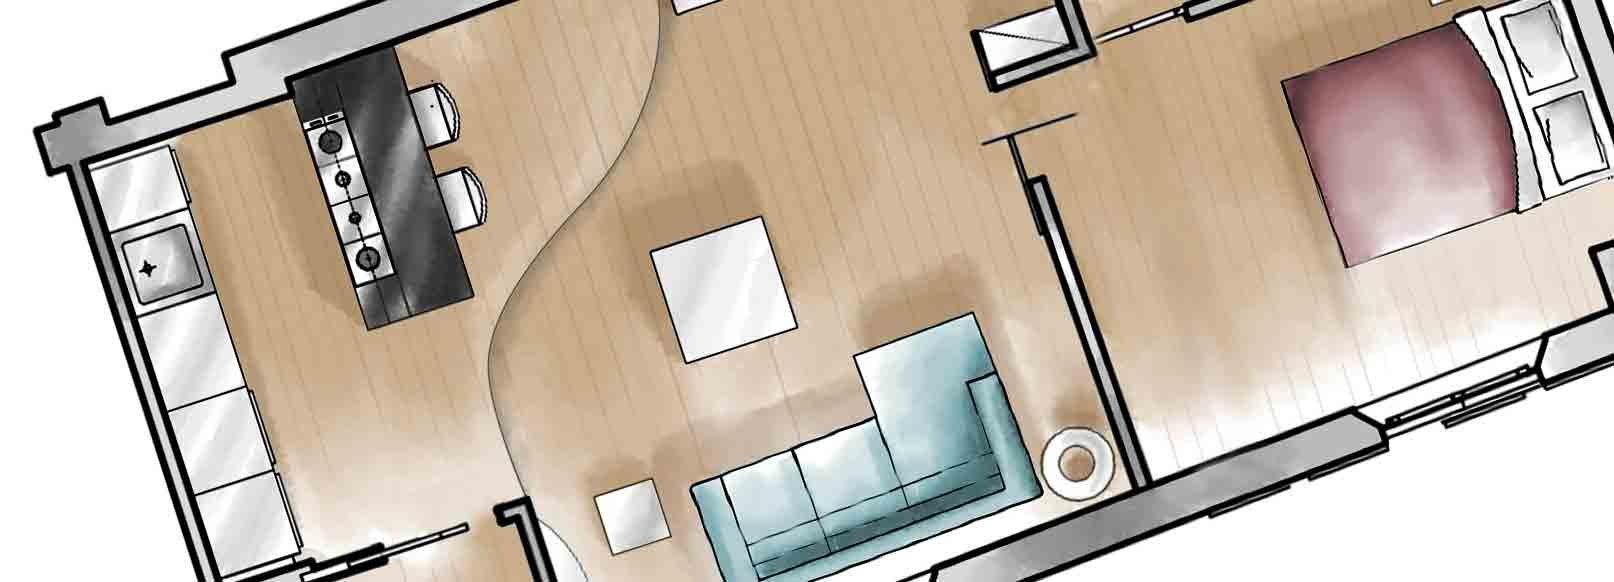 Metri quadrati commerciali che cosa sono e come si for Casa di 4000 metri quadrati